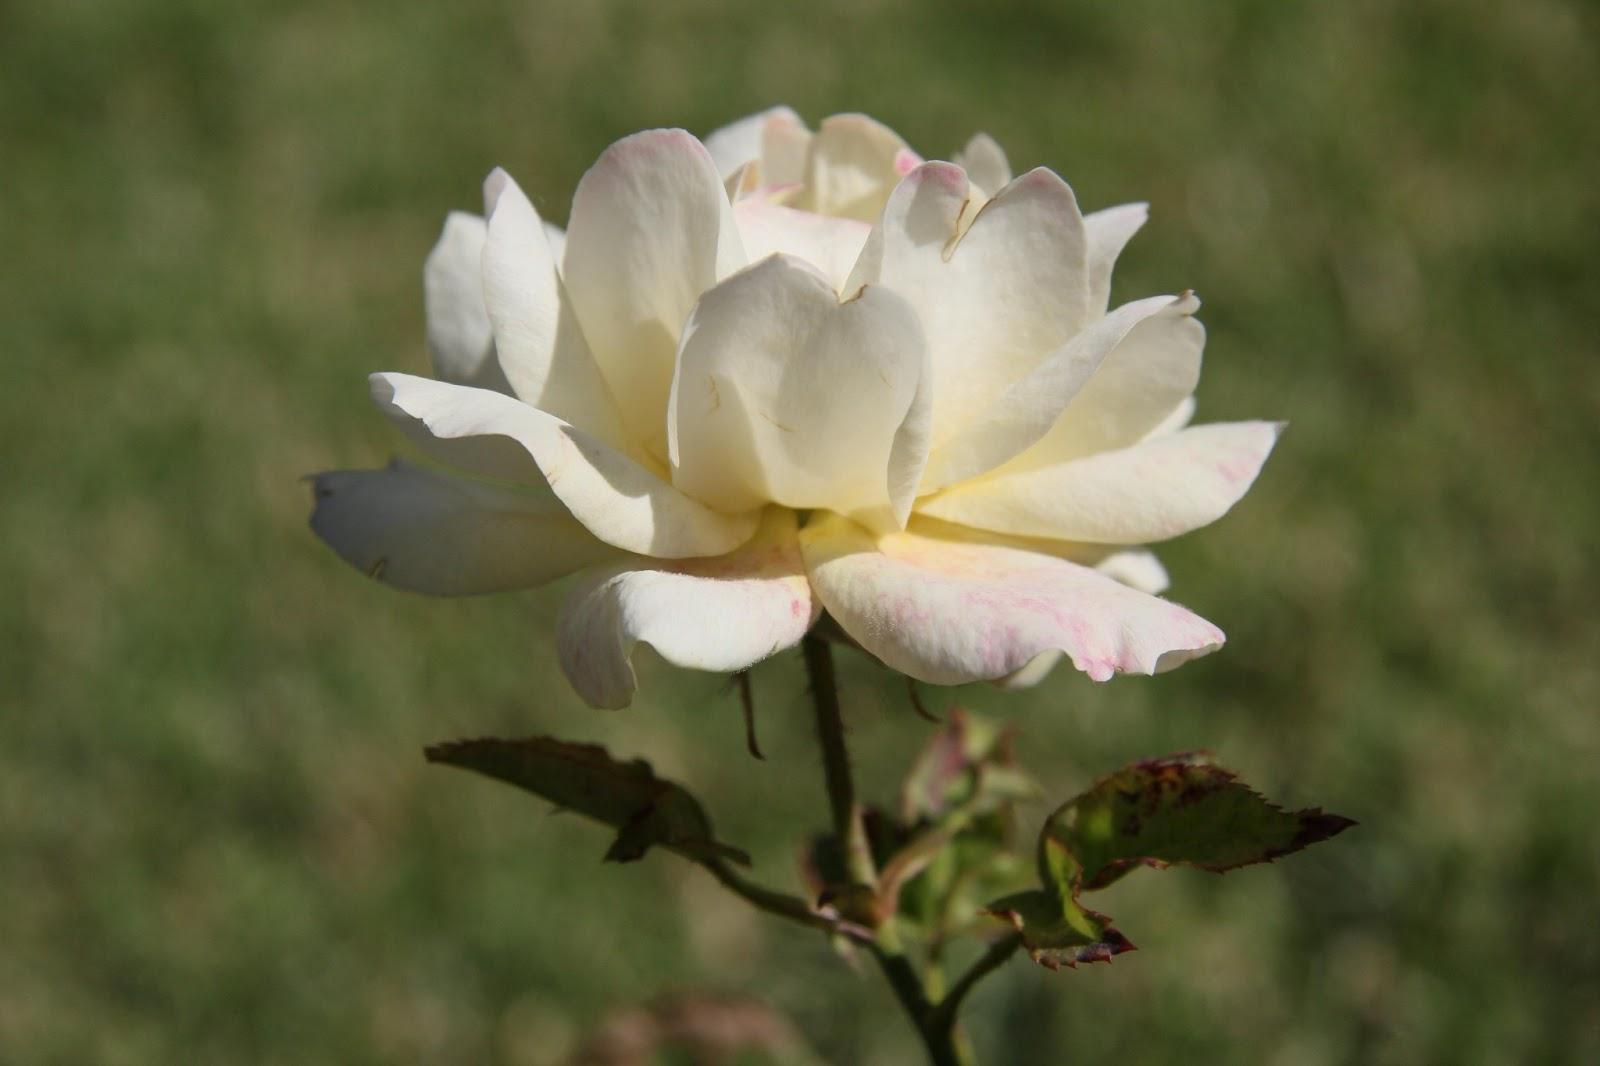 بالصور صور ورد ابيض روعه , خلفيات زهور بيضاء تجن 3809 6